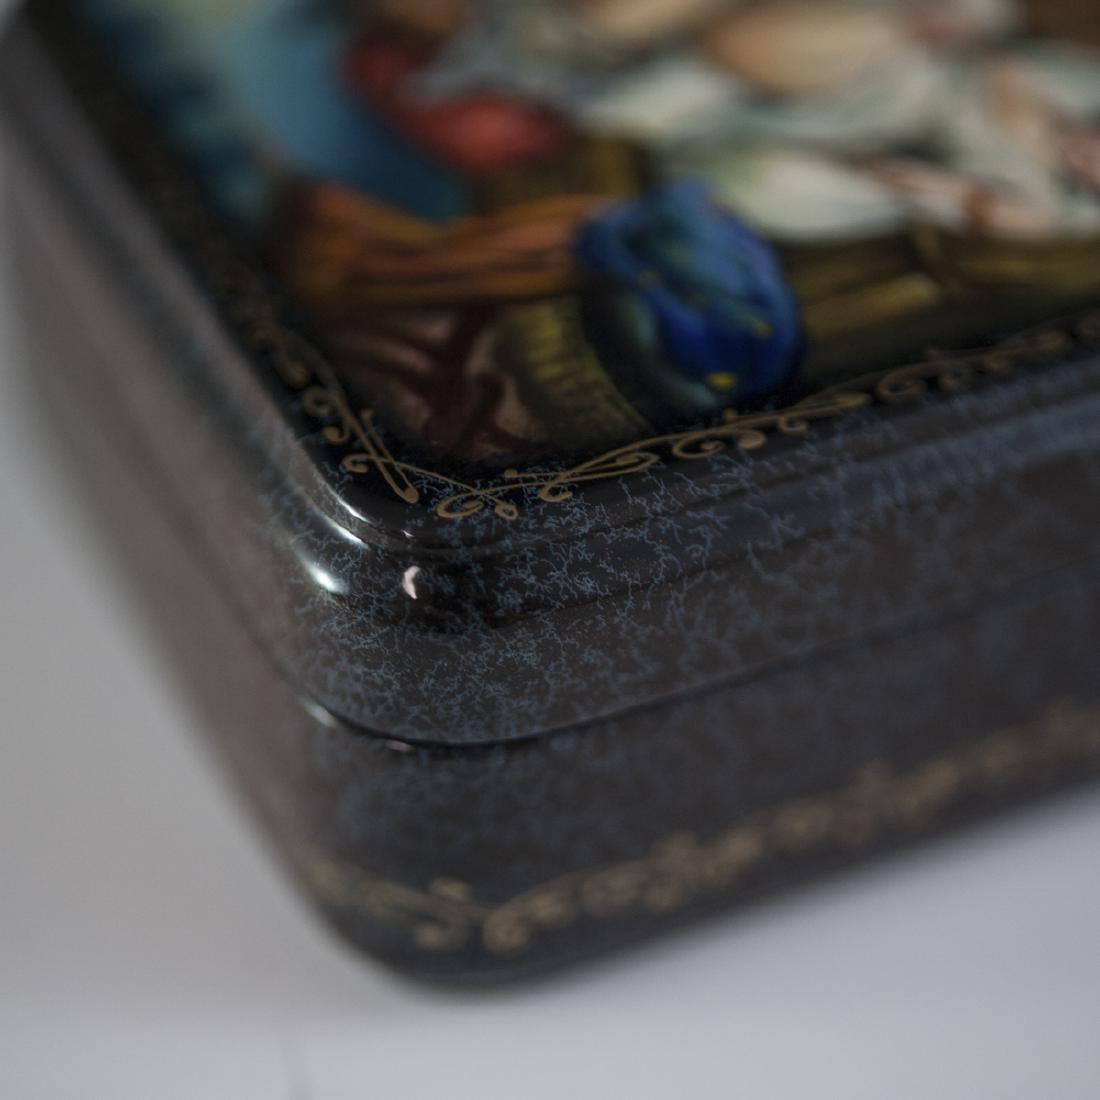 Russian Lacquered Papier Mache Erotic Box - 4